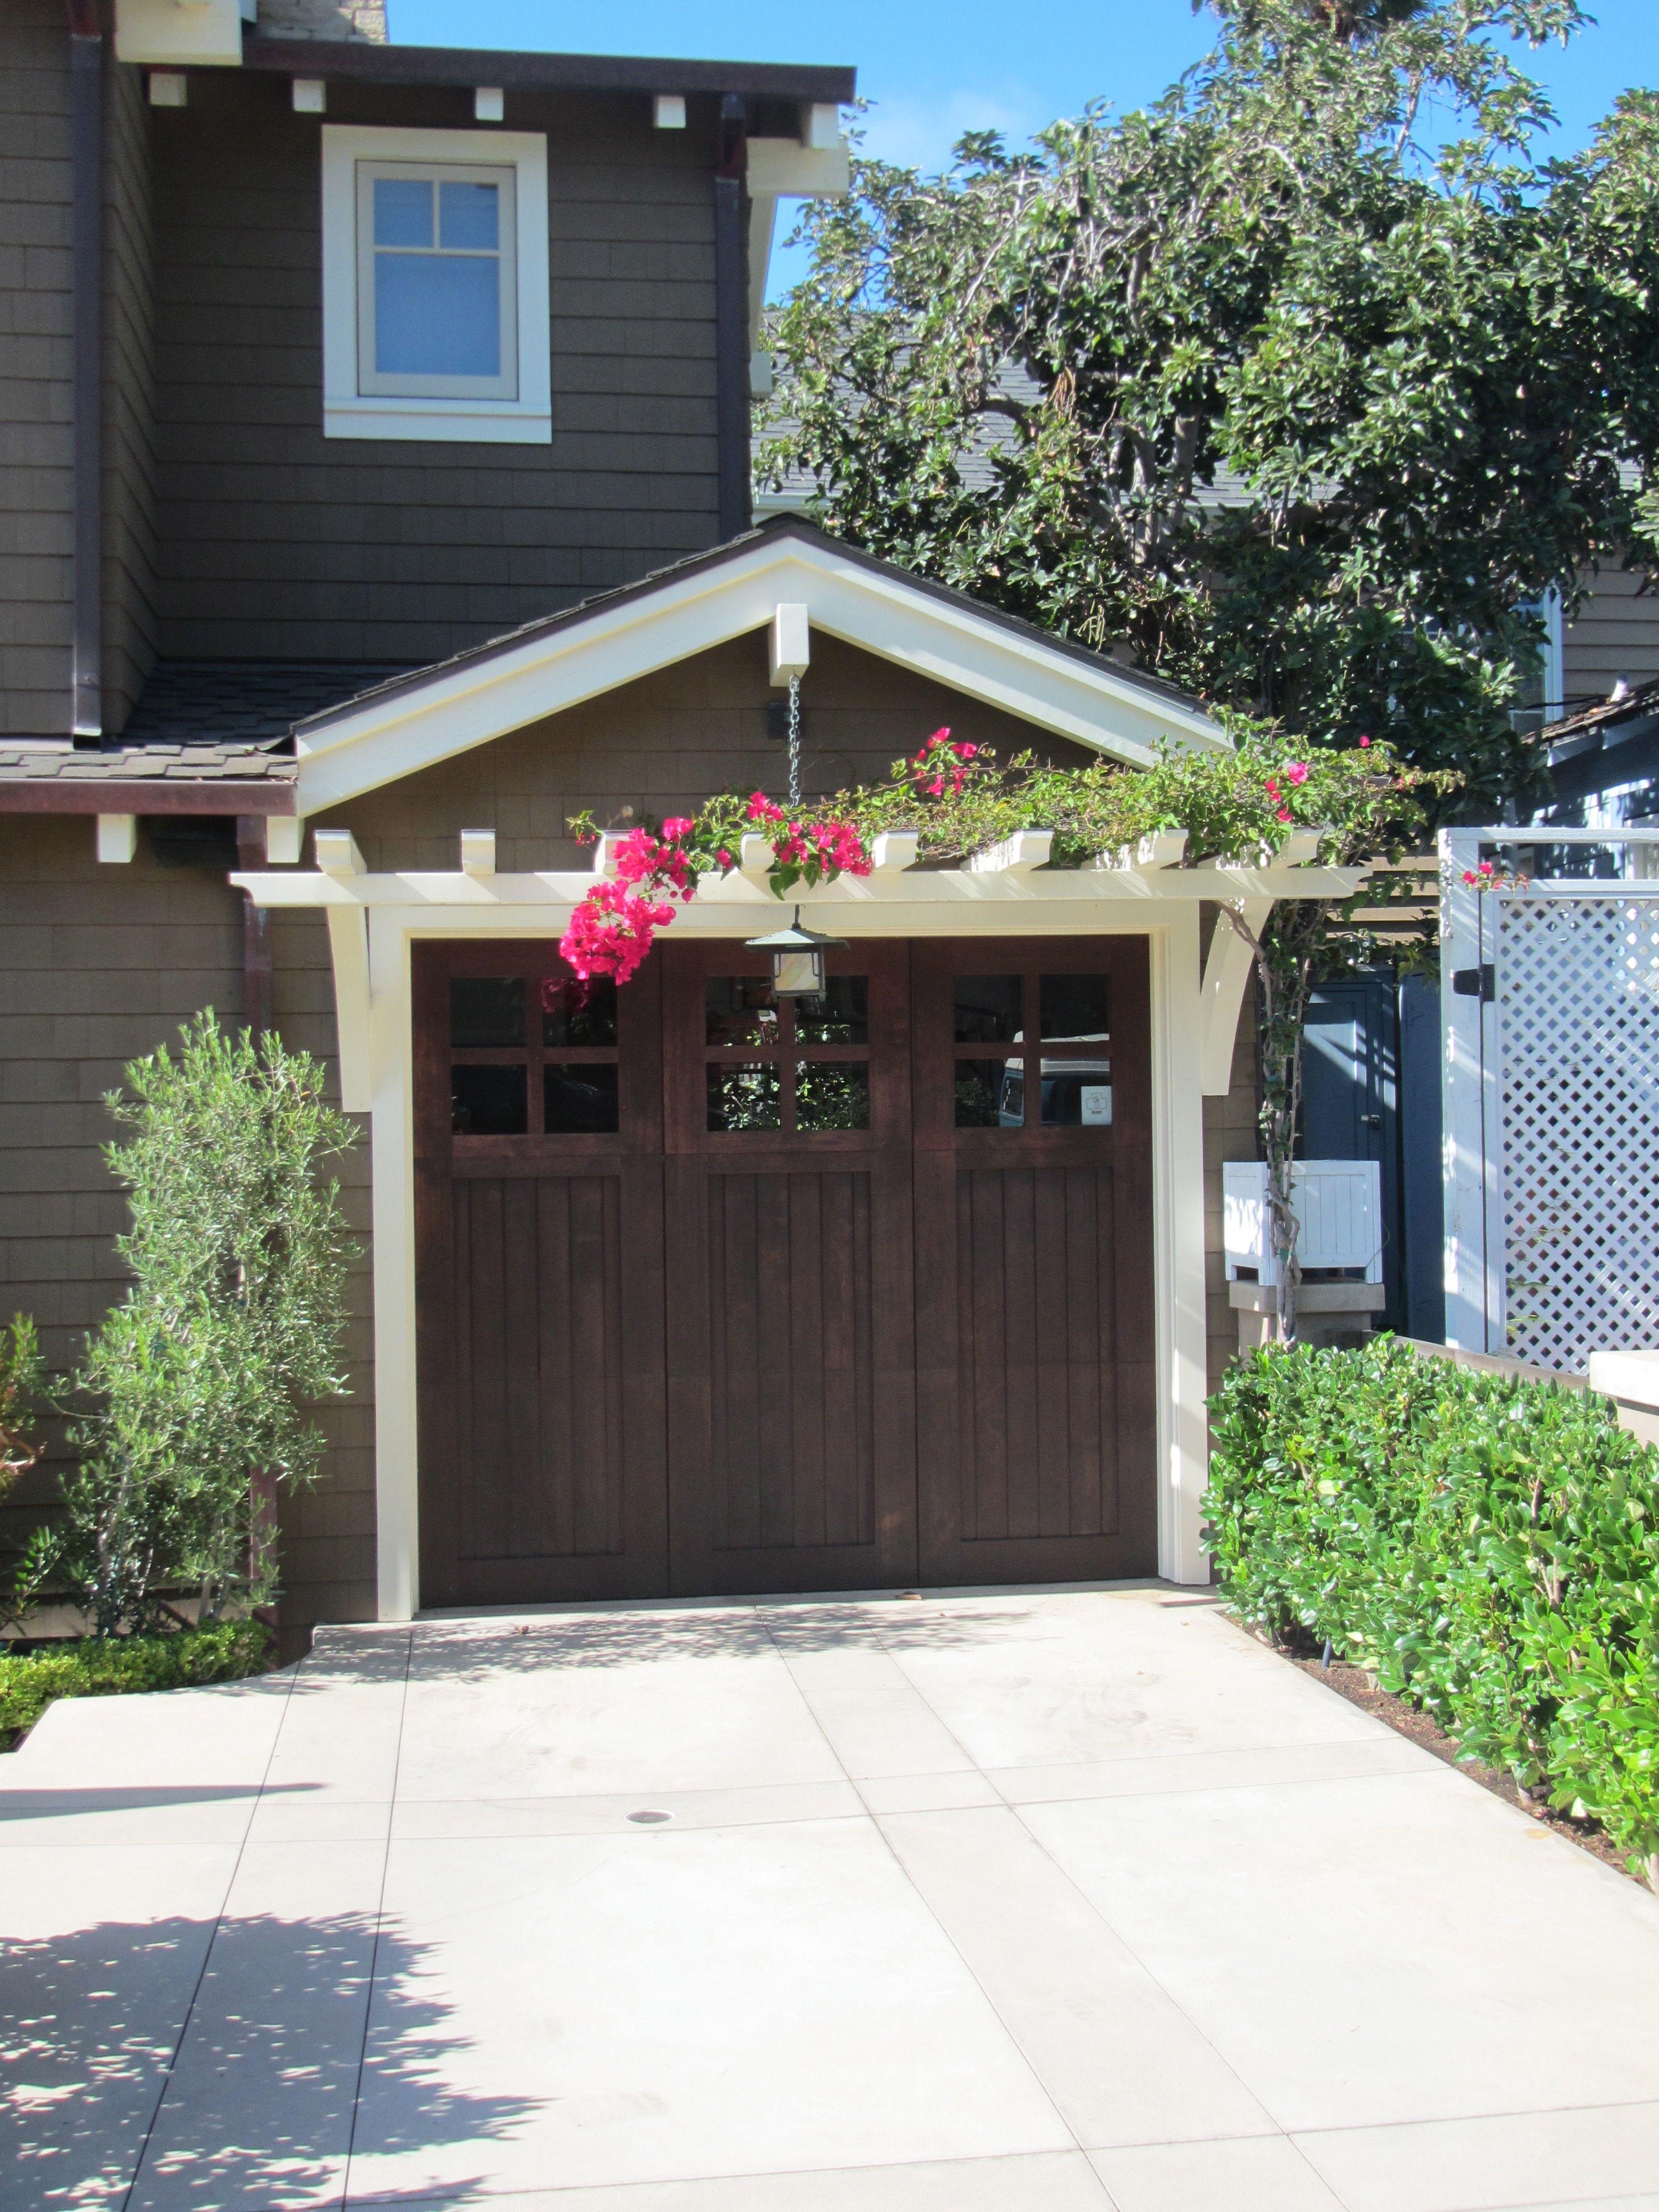 Trellis over garage door - Garage Pergola Craftsman Garage Door